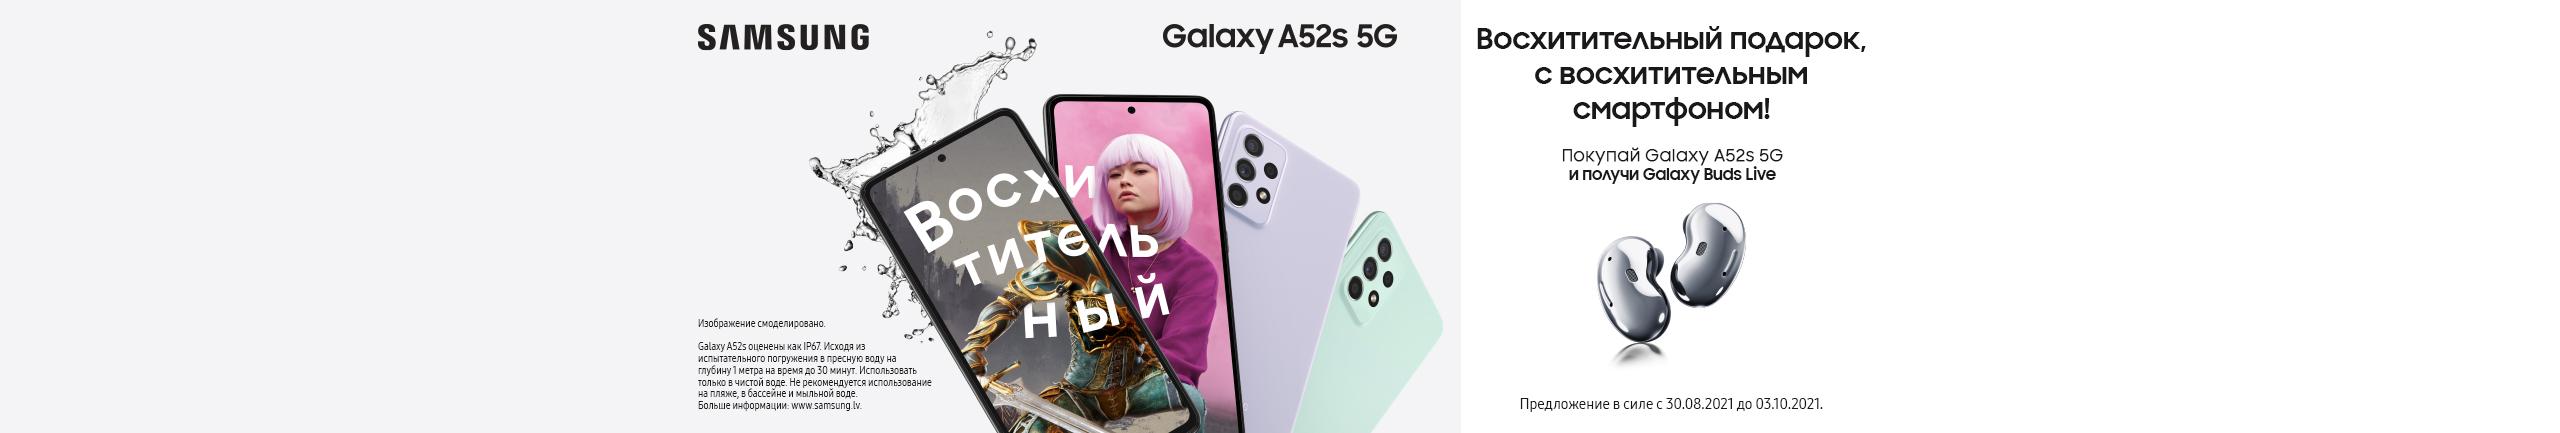 Купите смартфон Samsung Galaxy A52s 5G и получите в подарок беспроводные наушники Galaxy Buds Live